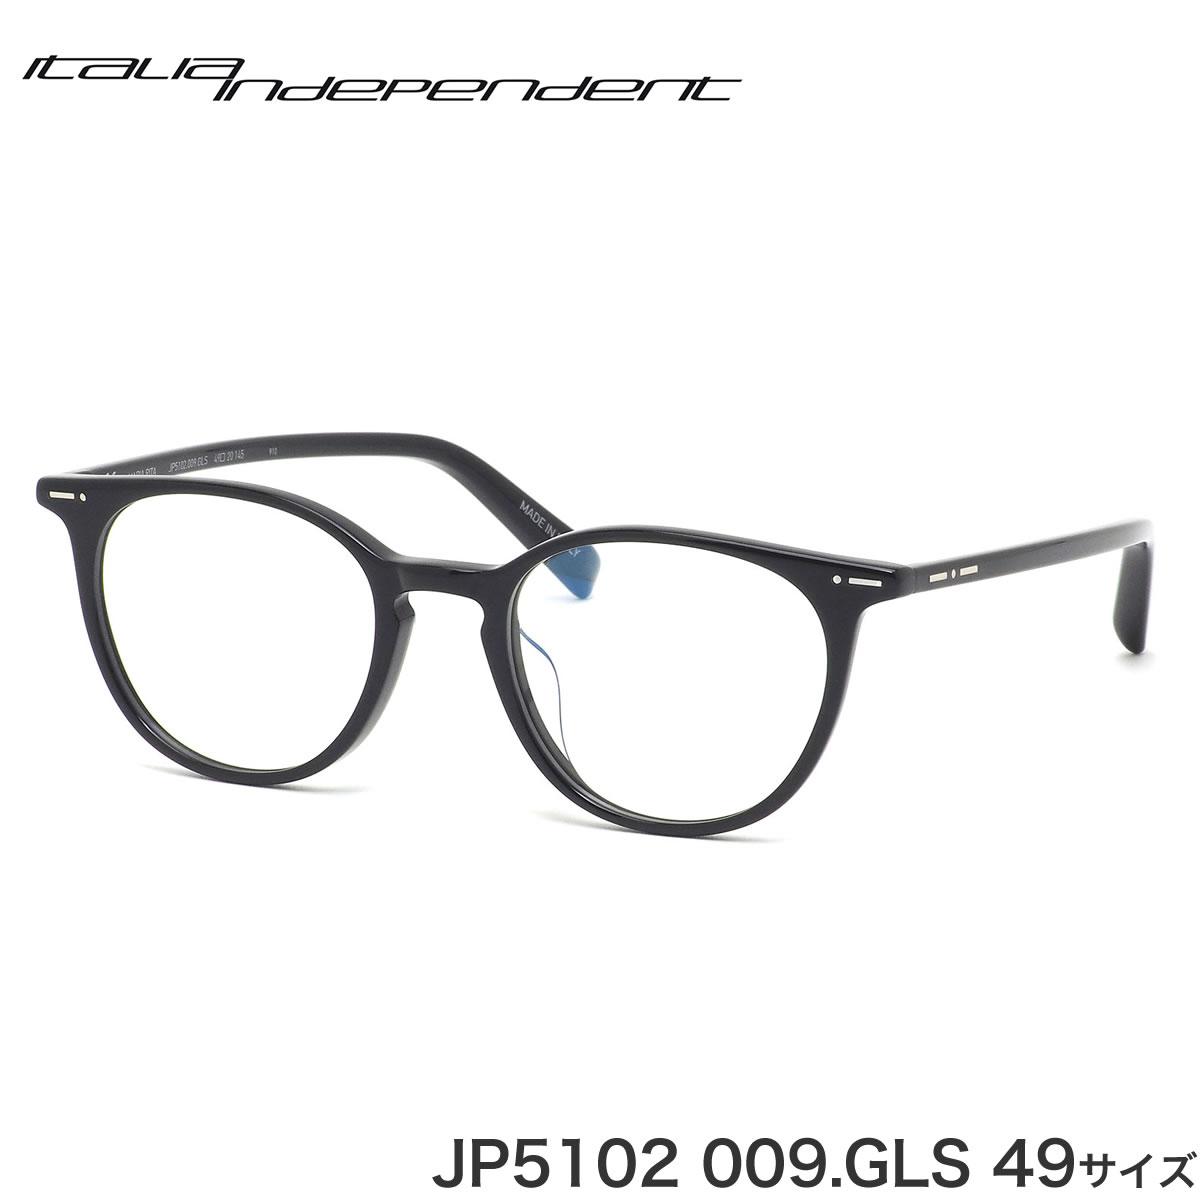 イタリアインディペンデント Italia Independent メガネ JP5102 009.GLS 49サイズ MARIA RITA マリア ヒタ HEXETATE ヘキセテート made in Italy ii メンズ レディース